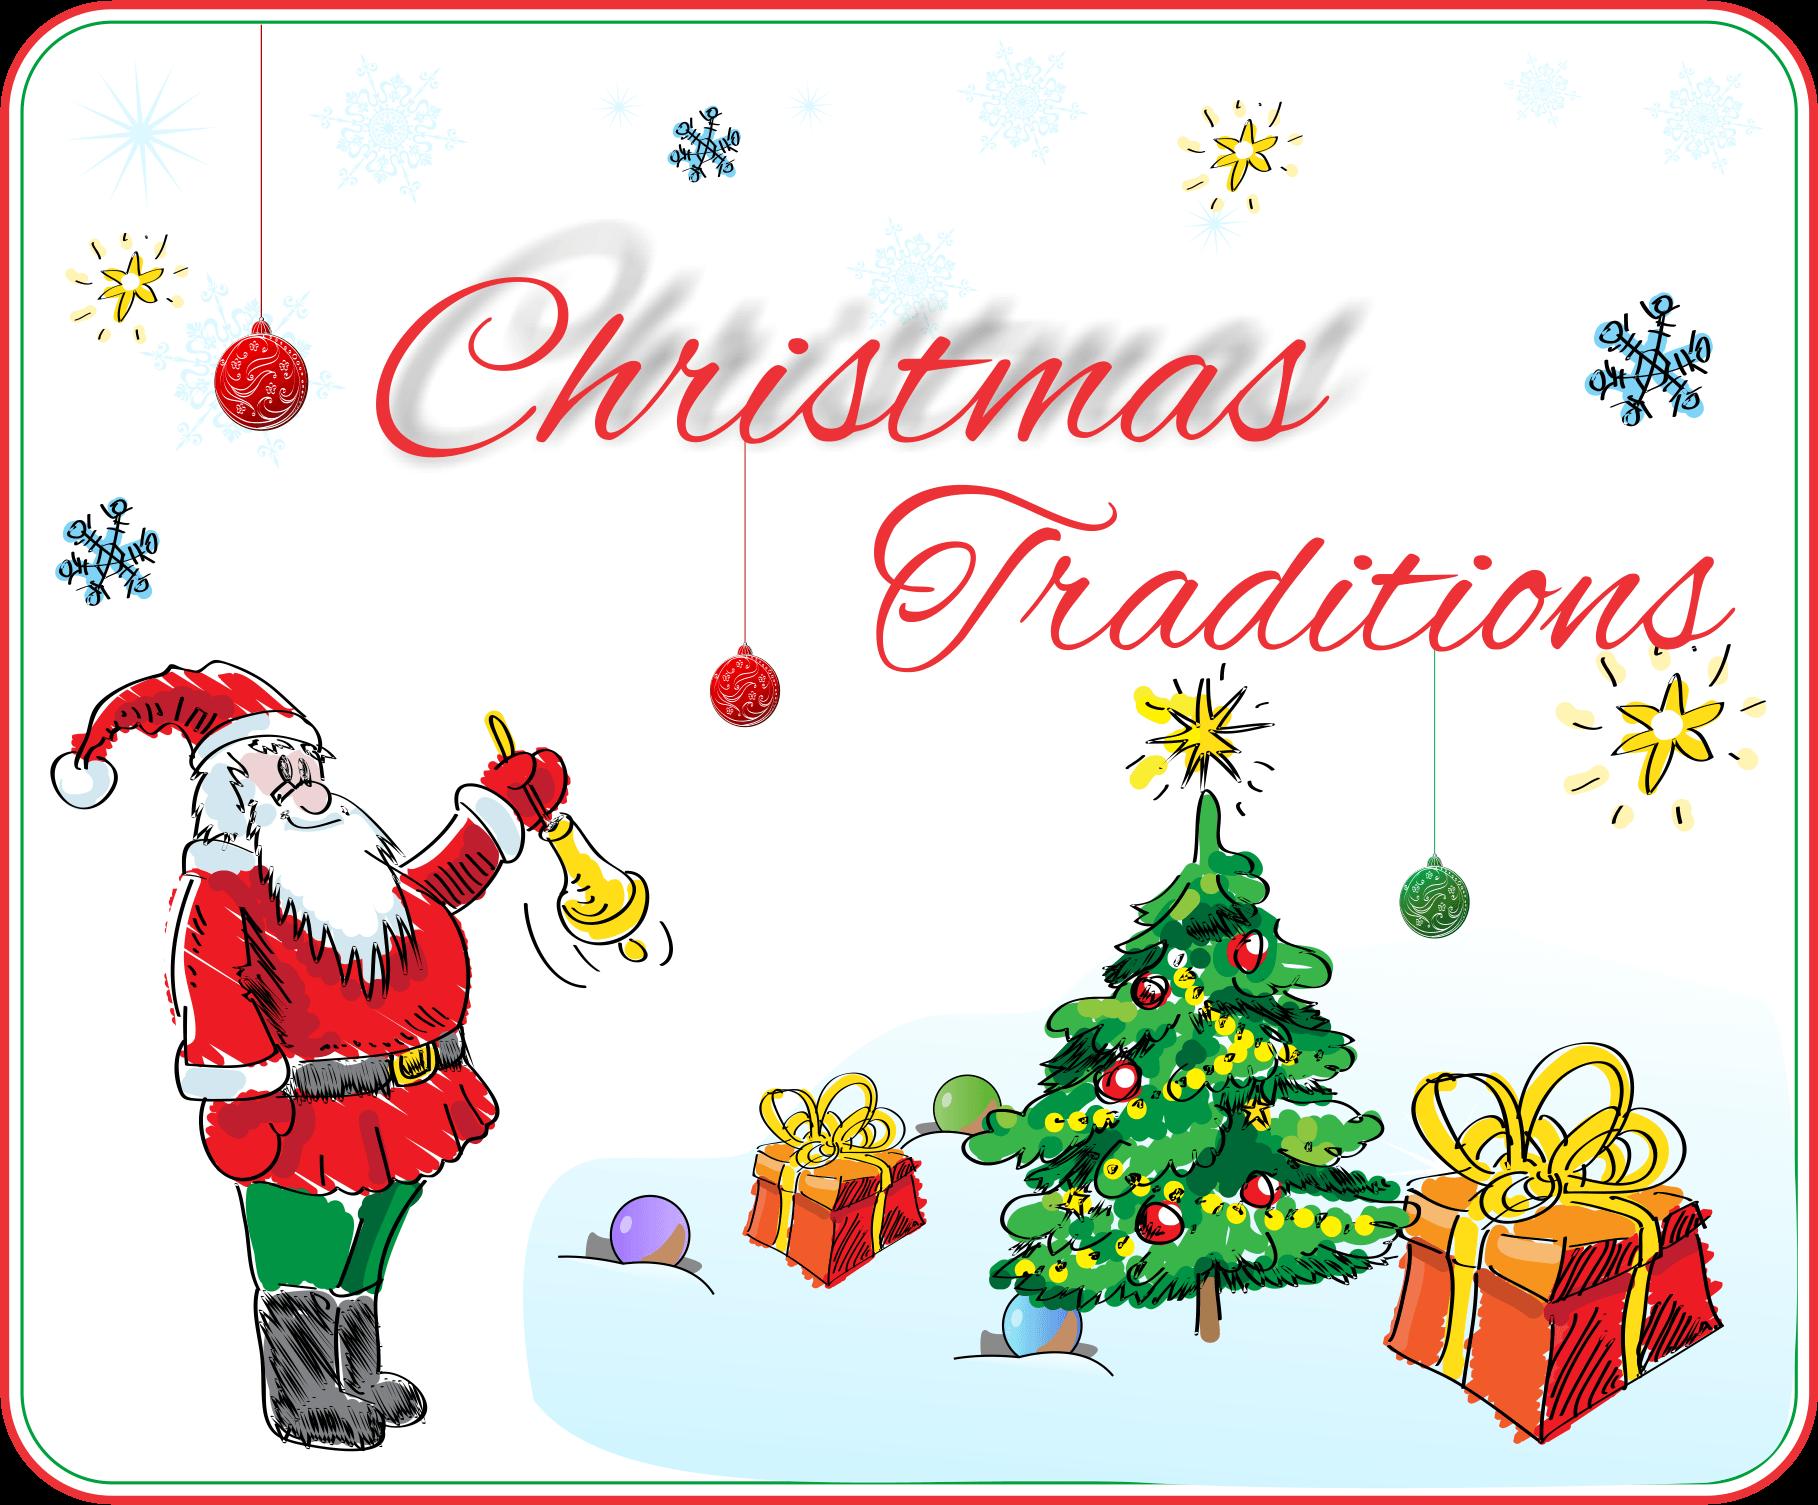 Make Christmas traditions